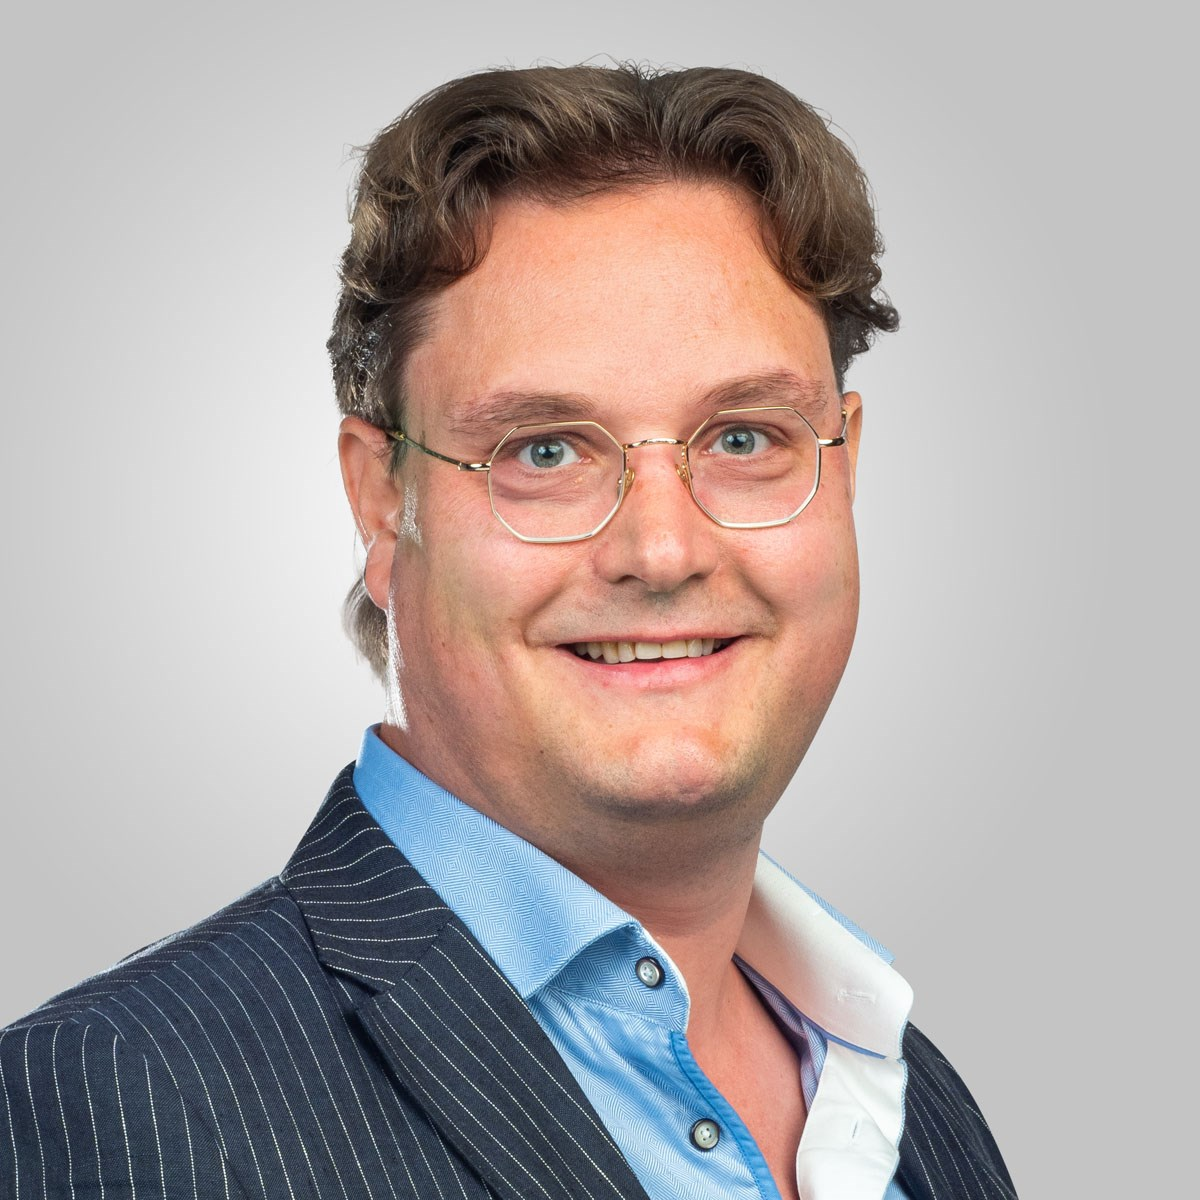 Foto van Jan Willem van de Poppe